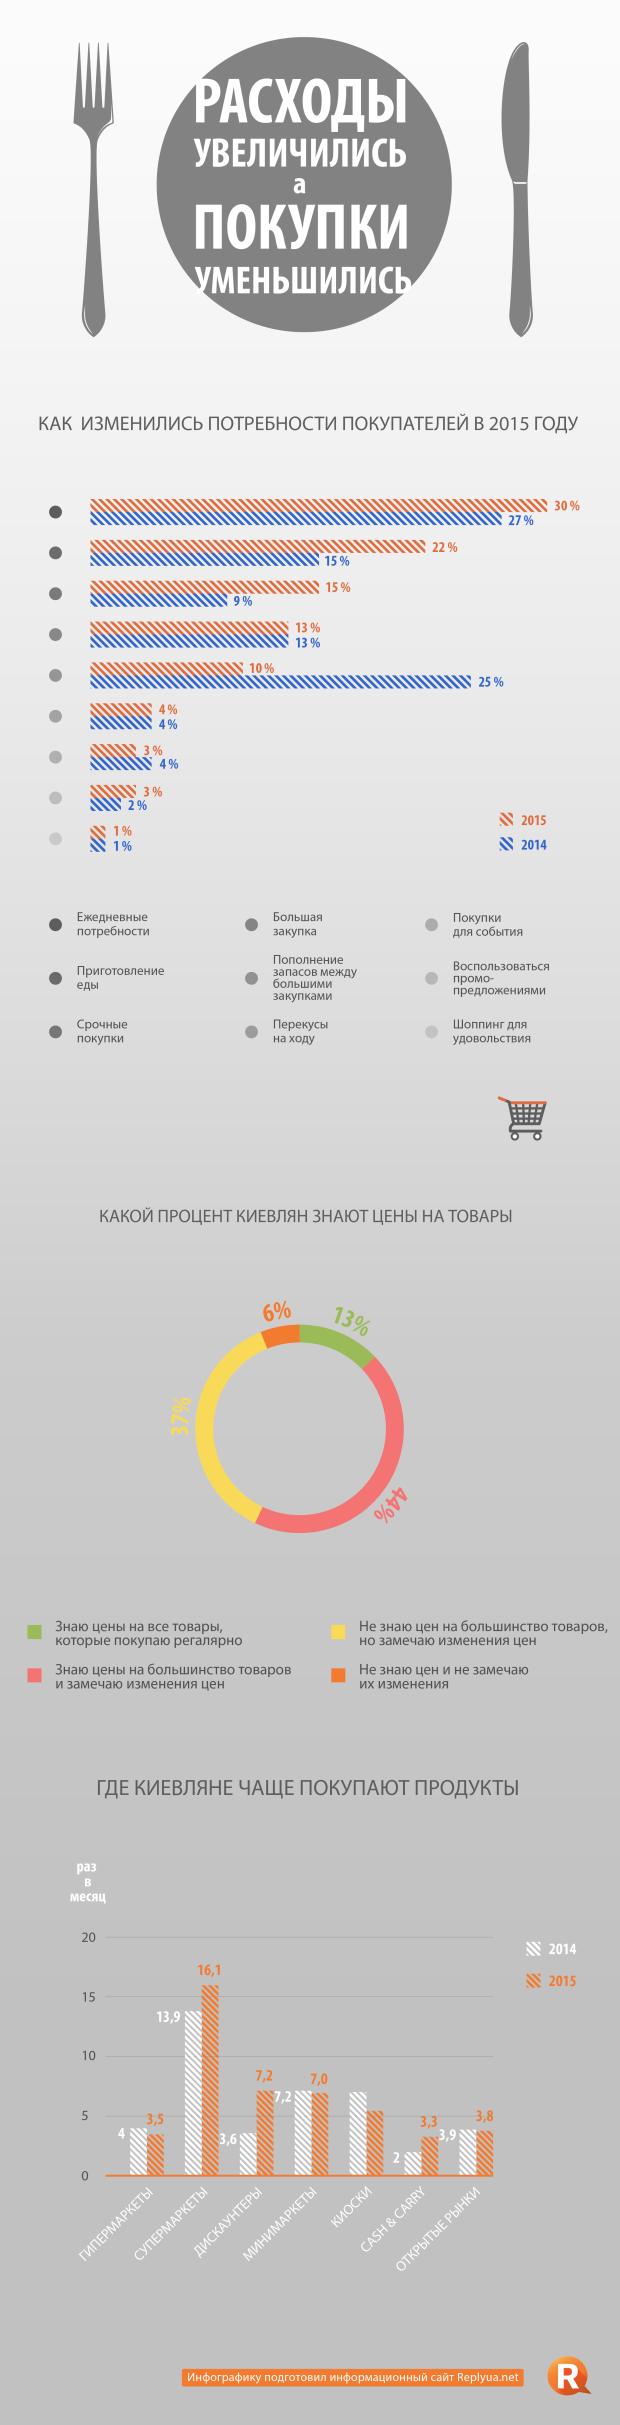 Как изменились потребности покупателей в 2015 году - инфографика